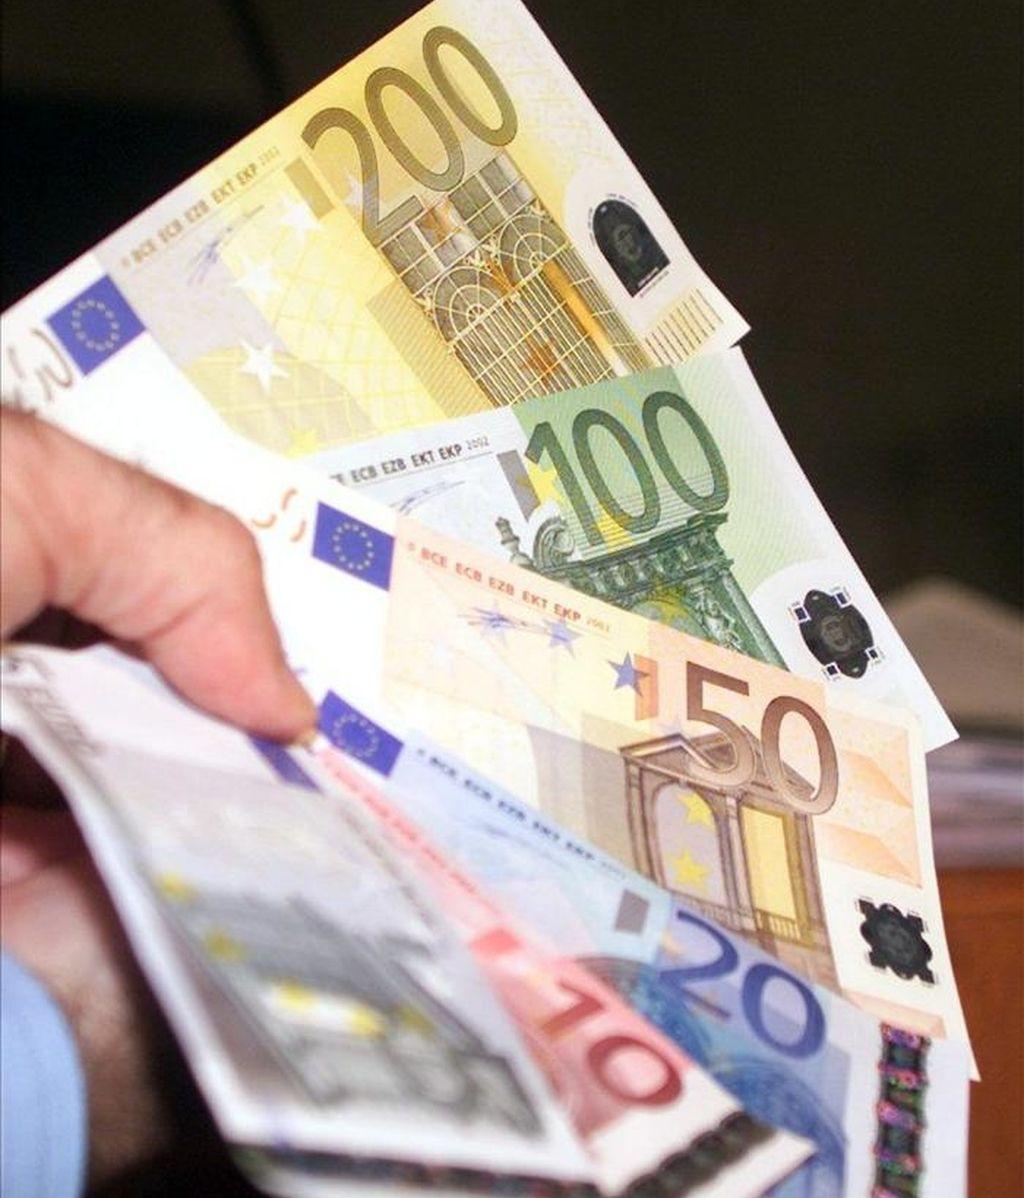 """El Fondo Monetario Internacional (FMI) dijo hoy que las cajas de ahorro españolas sigue siendo """"vulnerables"""" debido a su exposición a la vivienda y la deuda soberana, así como por sus elevados costes de financiación. EFE/Archivo"""